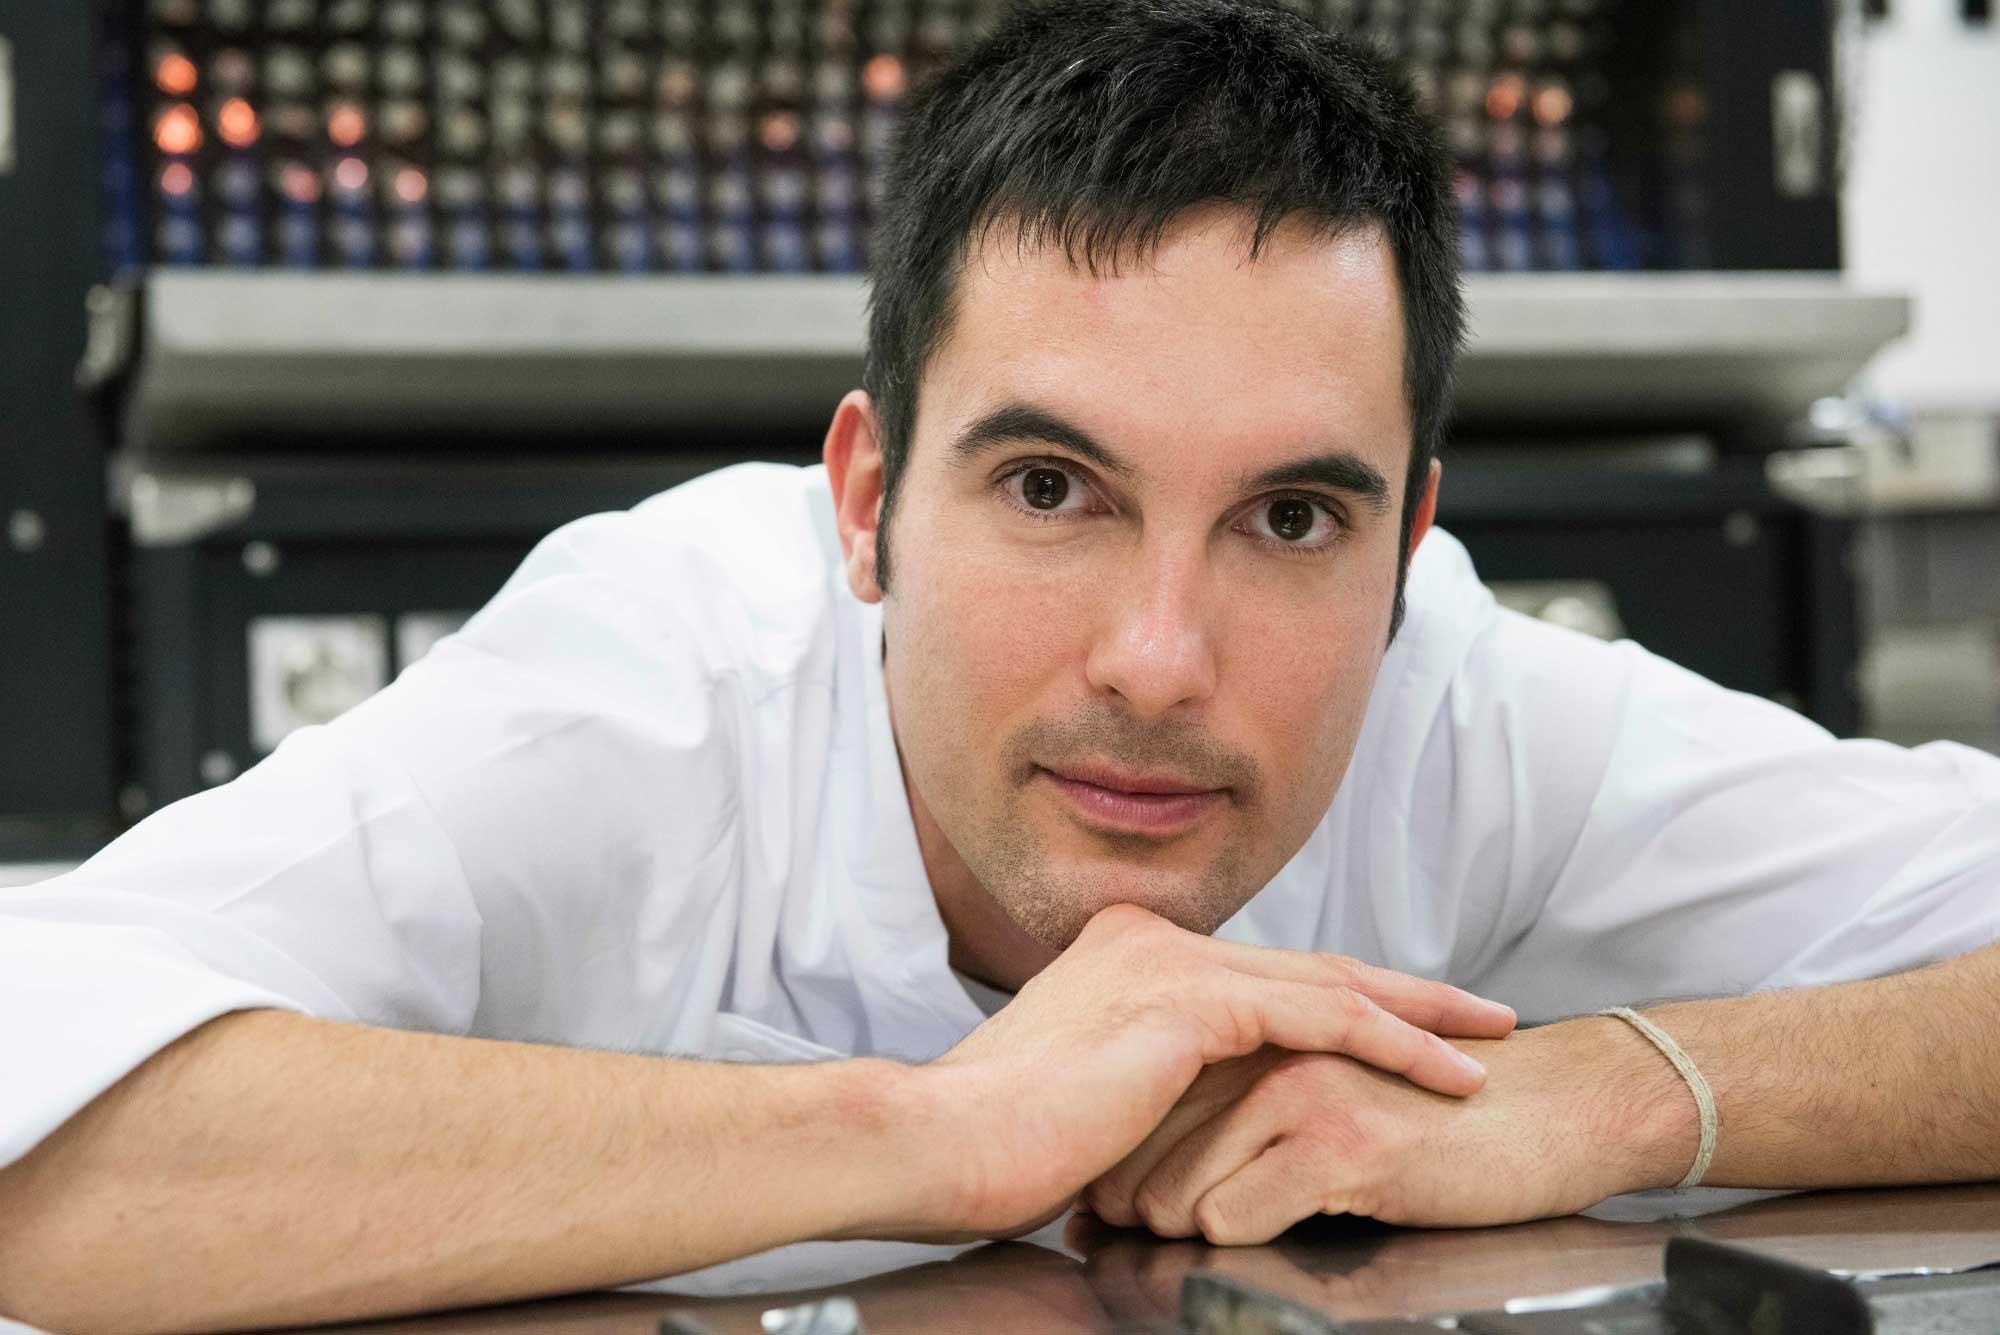 Francesco Baldissarutti